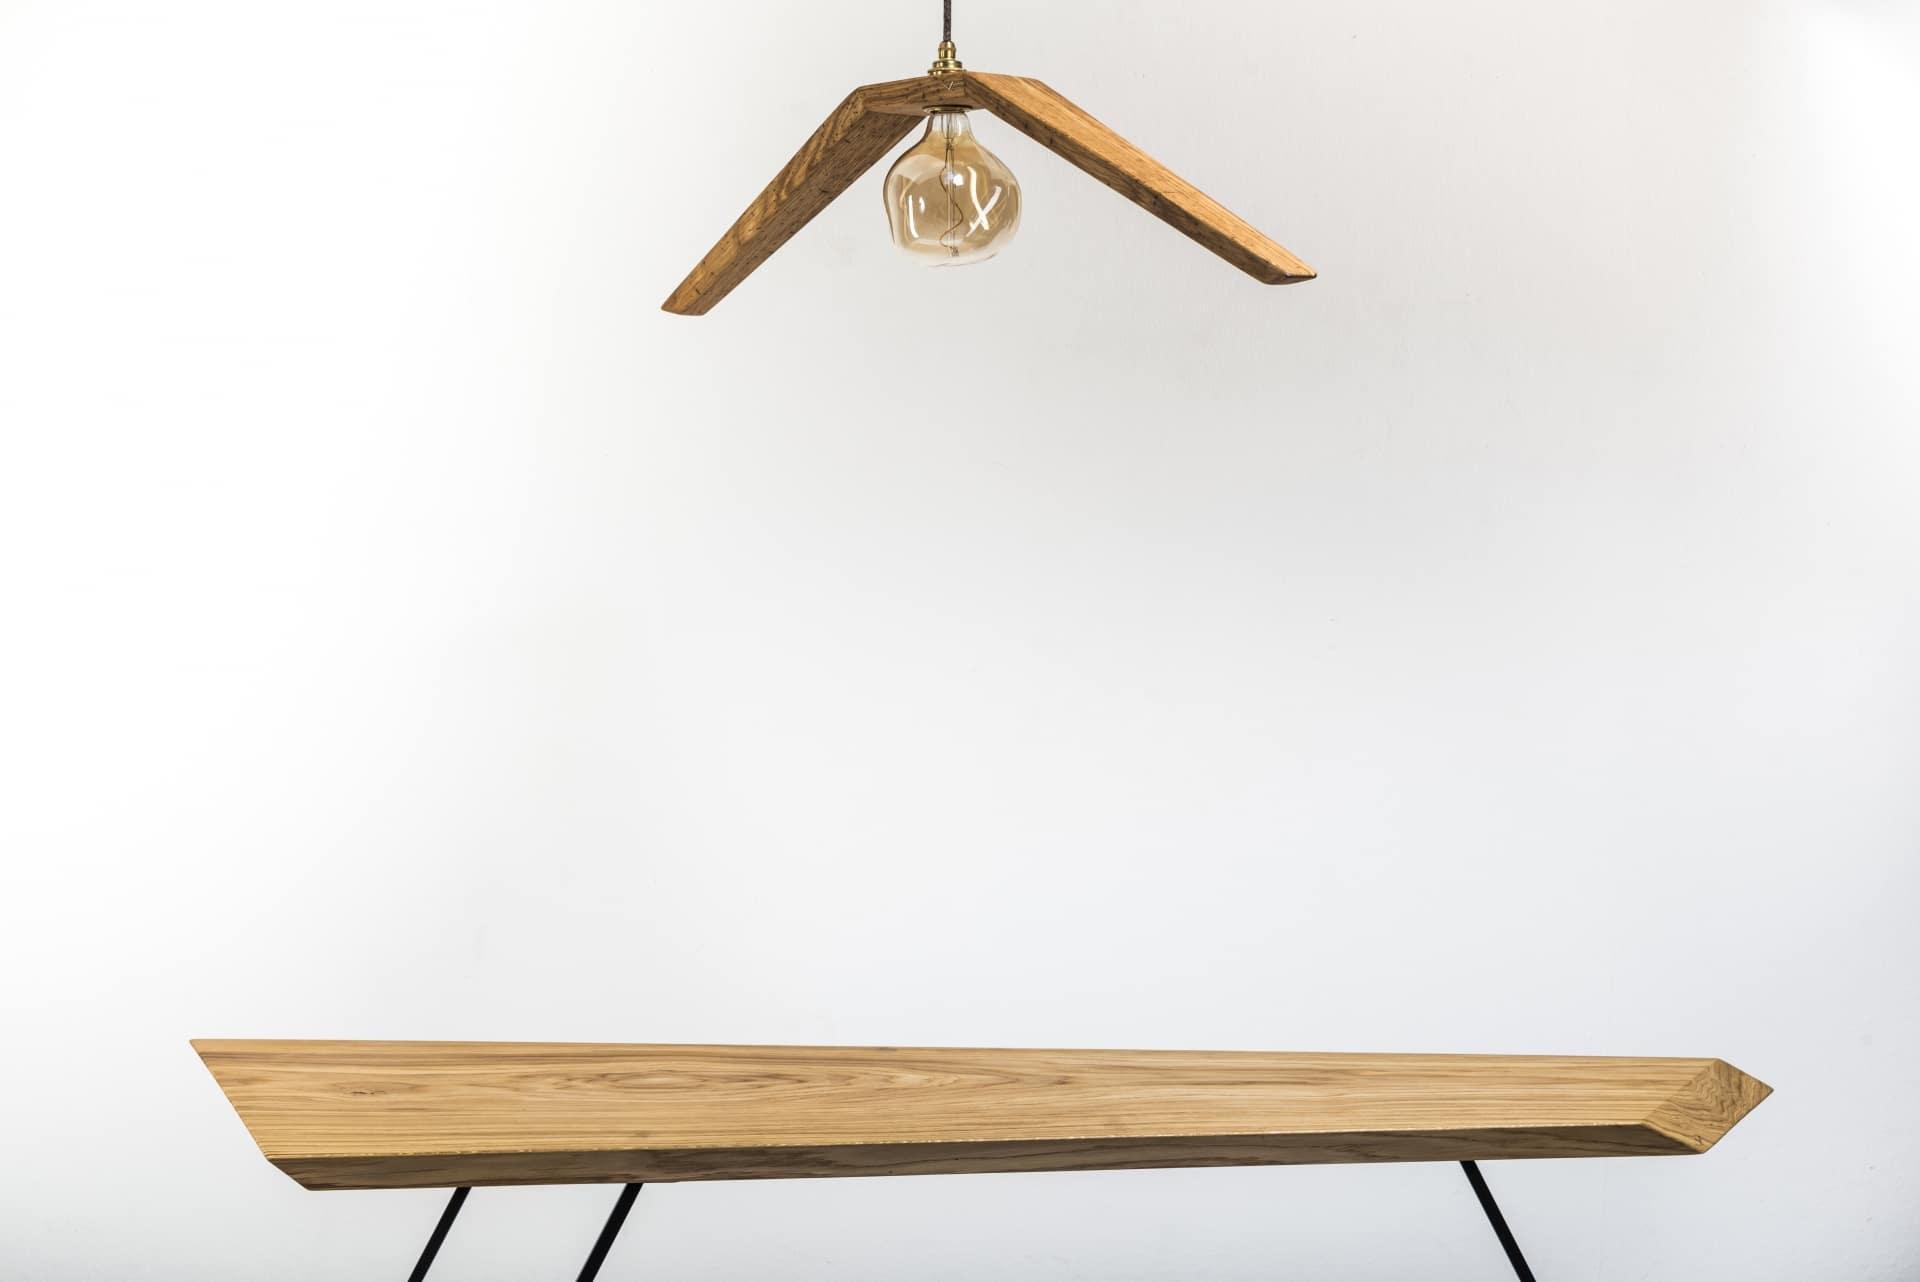 Hängeleuchte – Möwe – Verschnitt – Eichenholz – Produktansicht